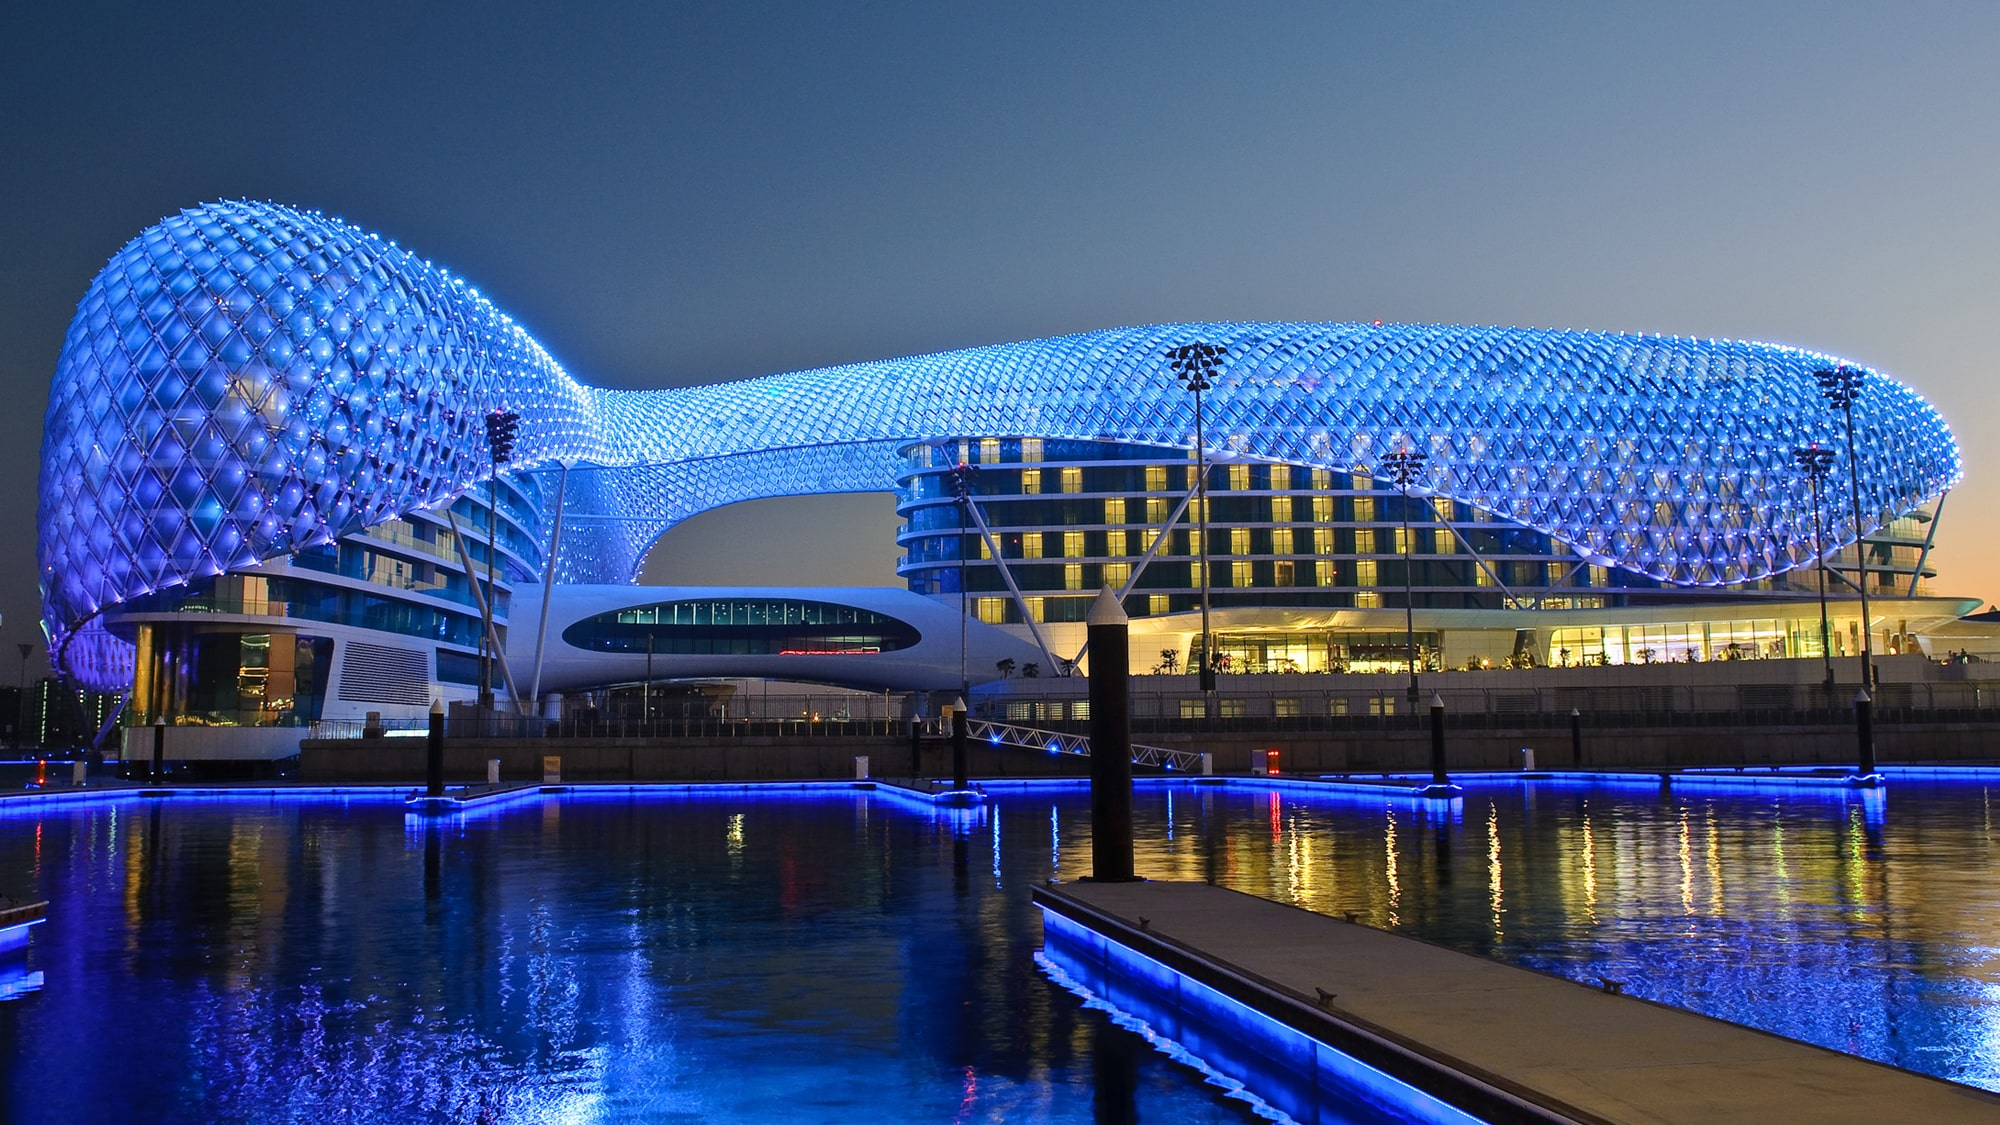 El lujoso hotel Yas Island iluminado de azul